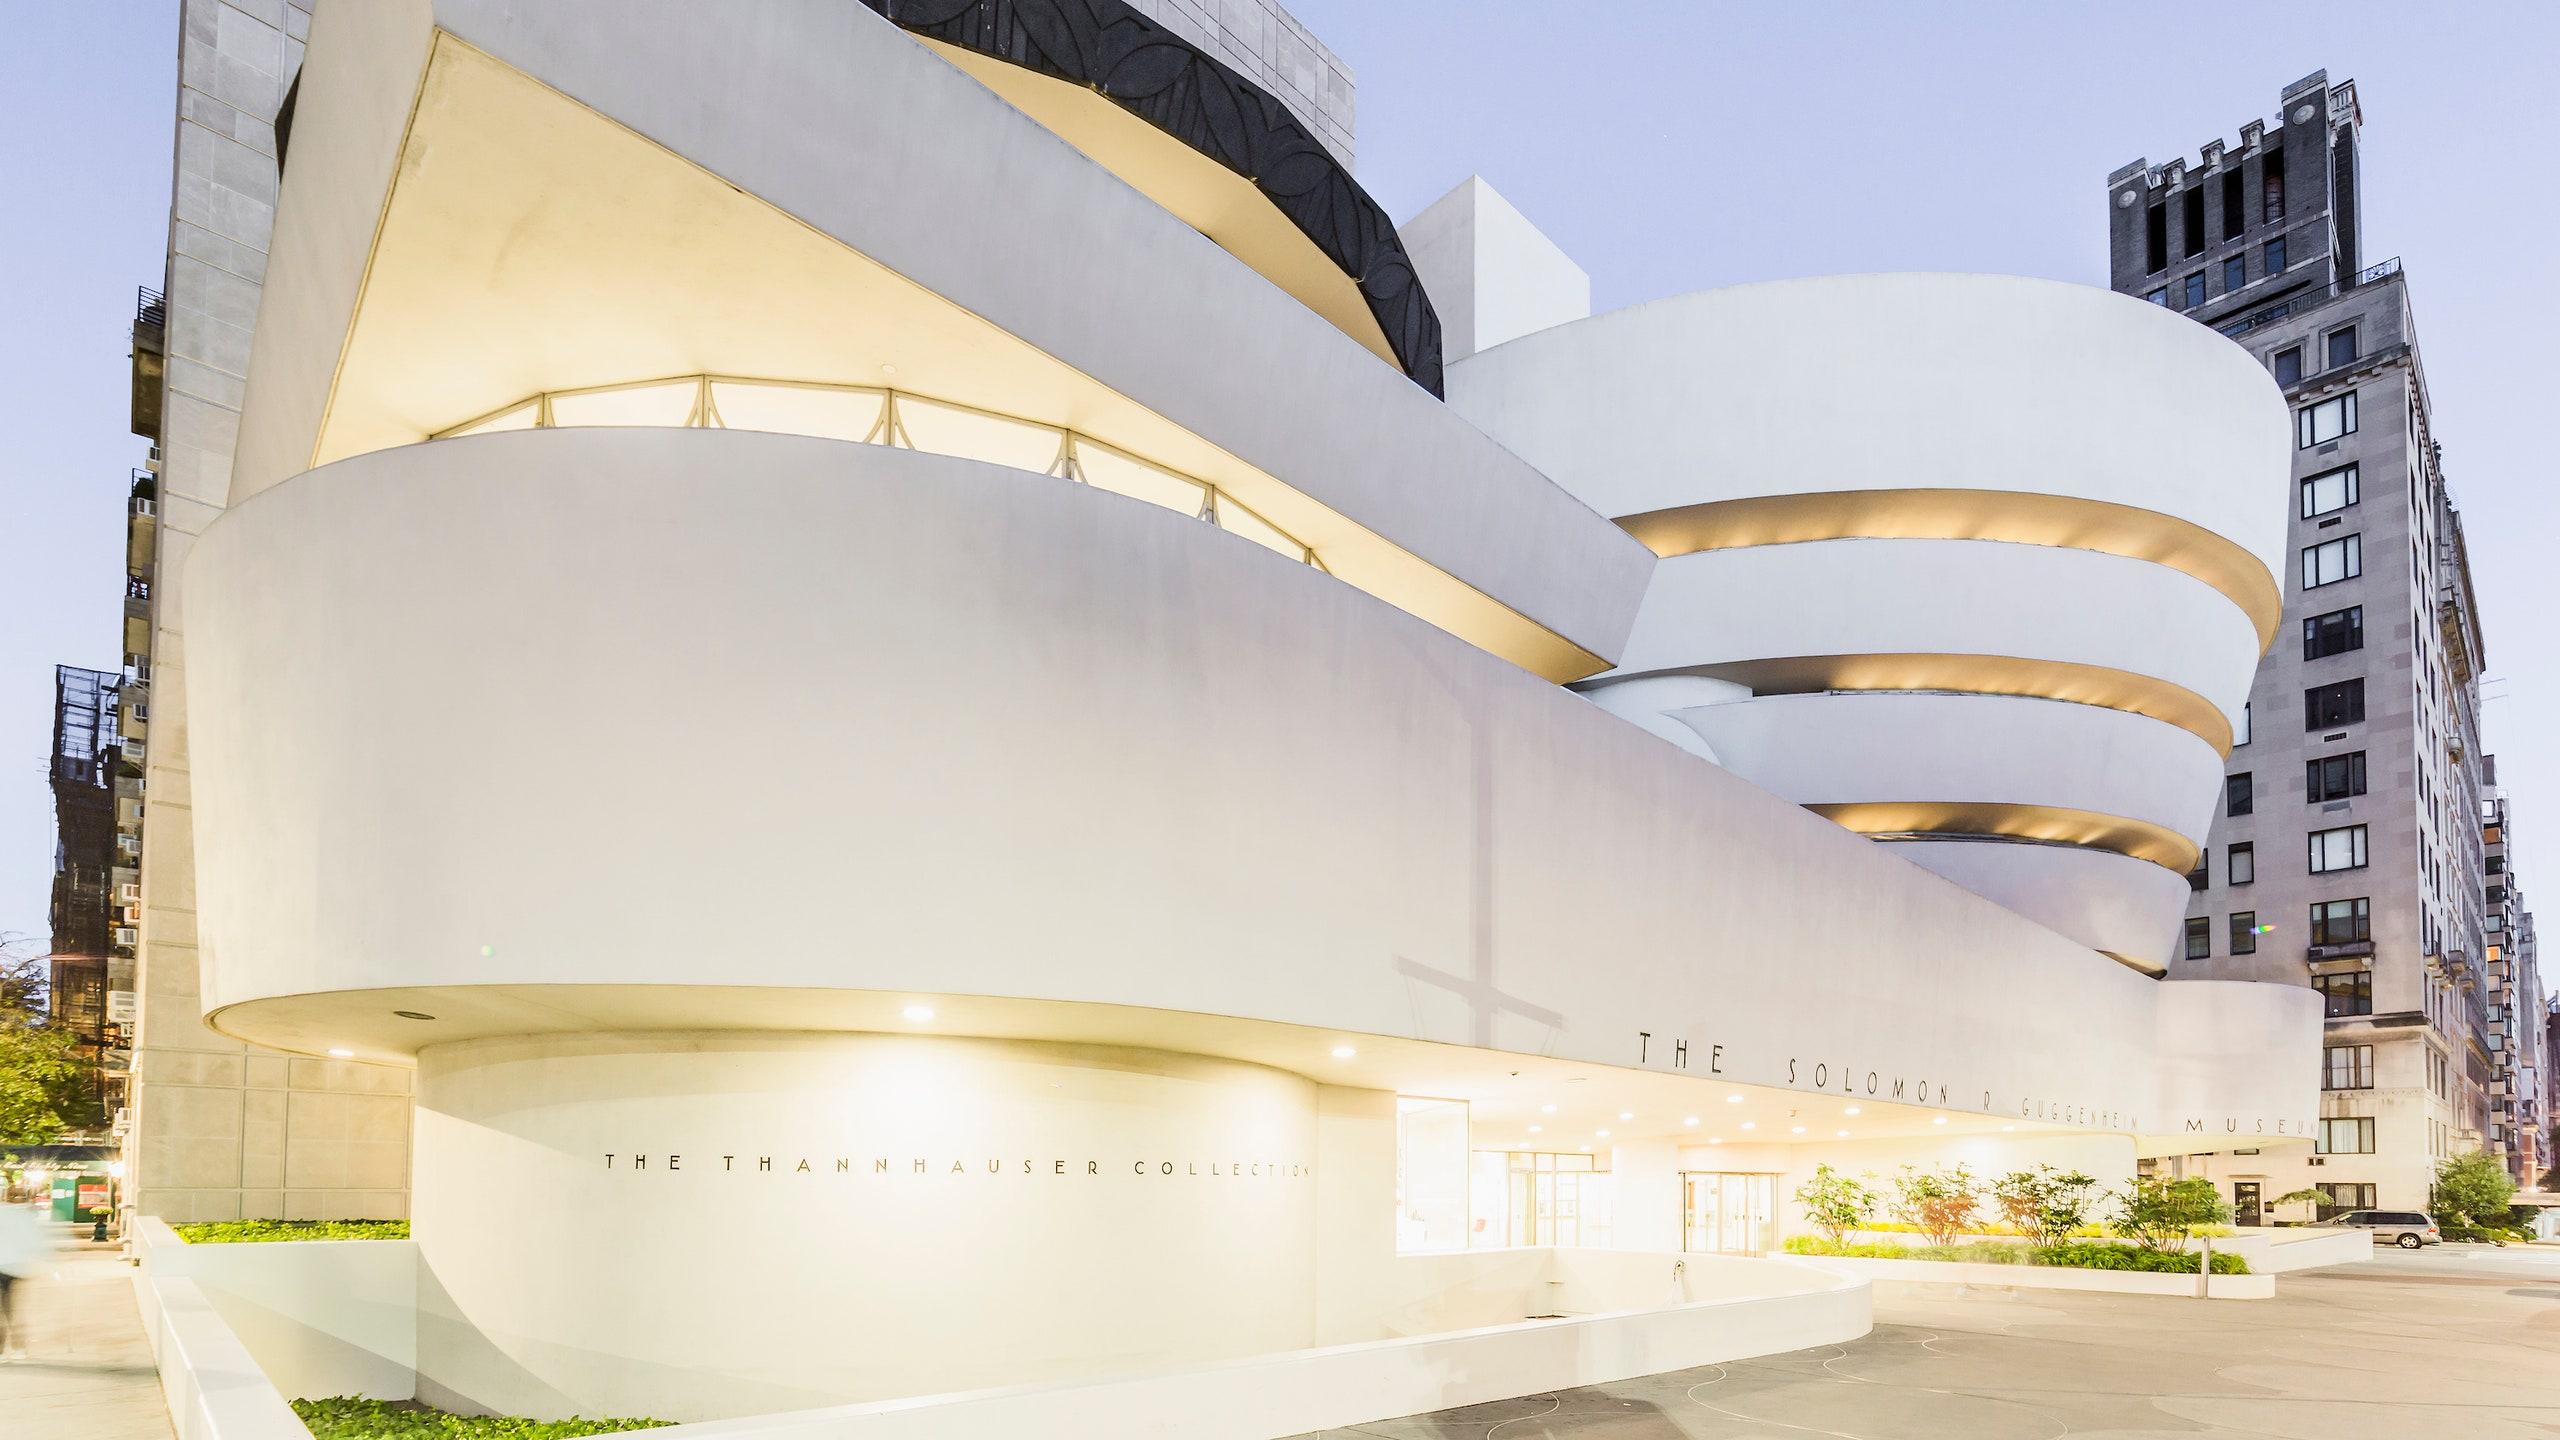 The Guggenheim Museum in New York